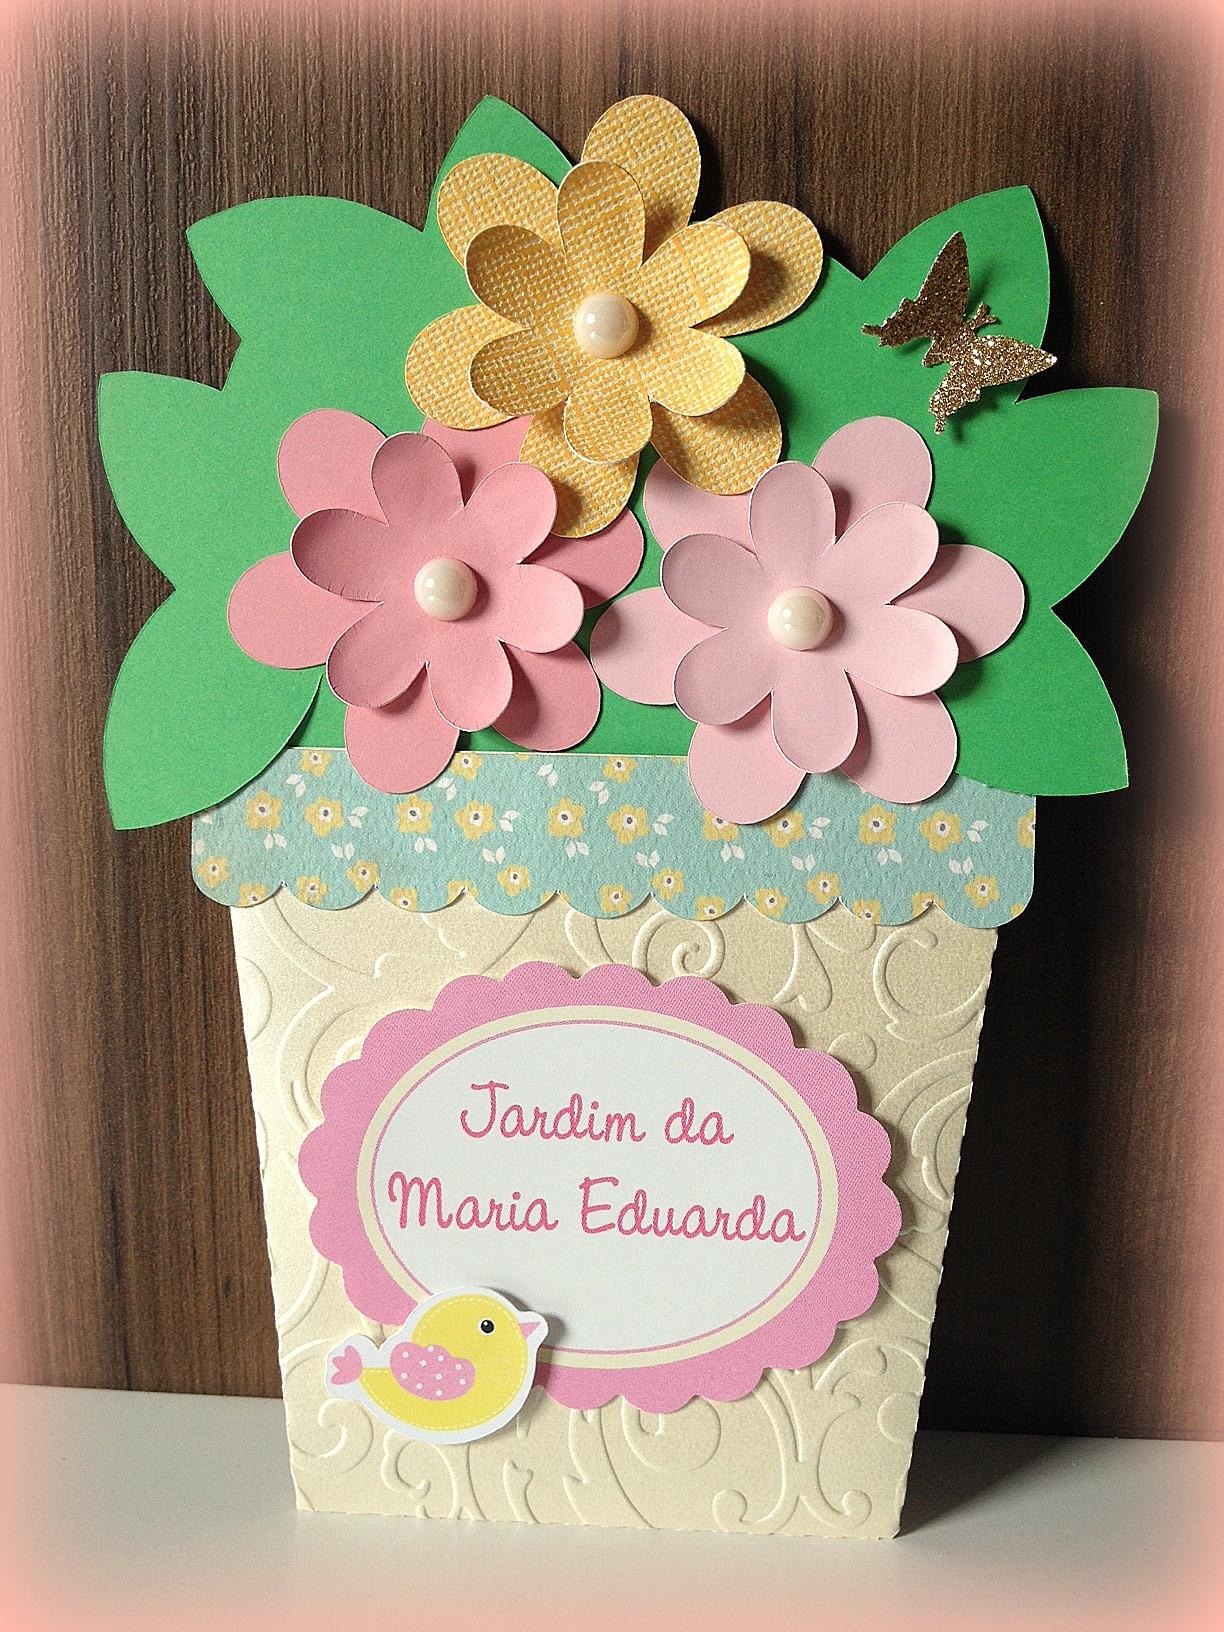 festa jardim convite : festa jardim convite: convite vasinho flores convite jardim de flores convite jardim convite